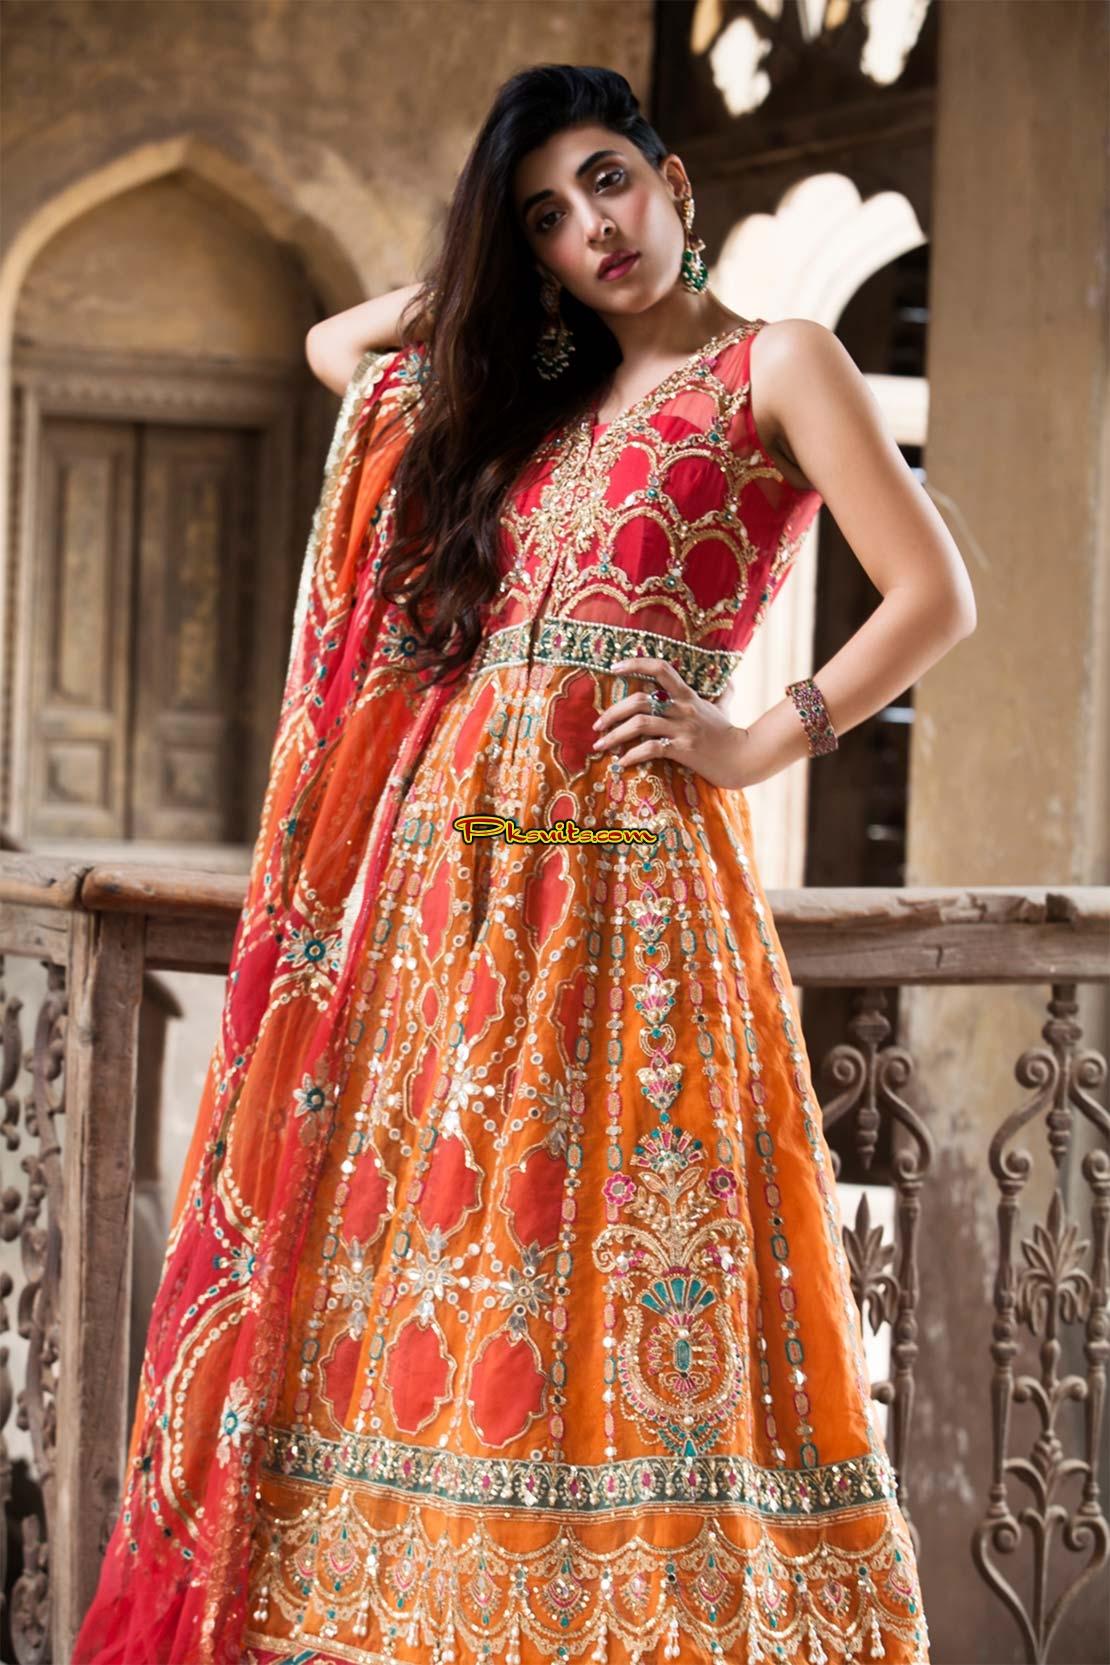 Pakistan Maria B Saira Rizwan 2018 Bridal Latest Collection Shalwar Kameez Suit